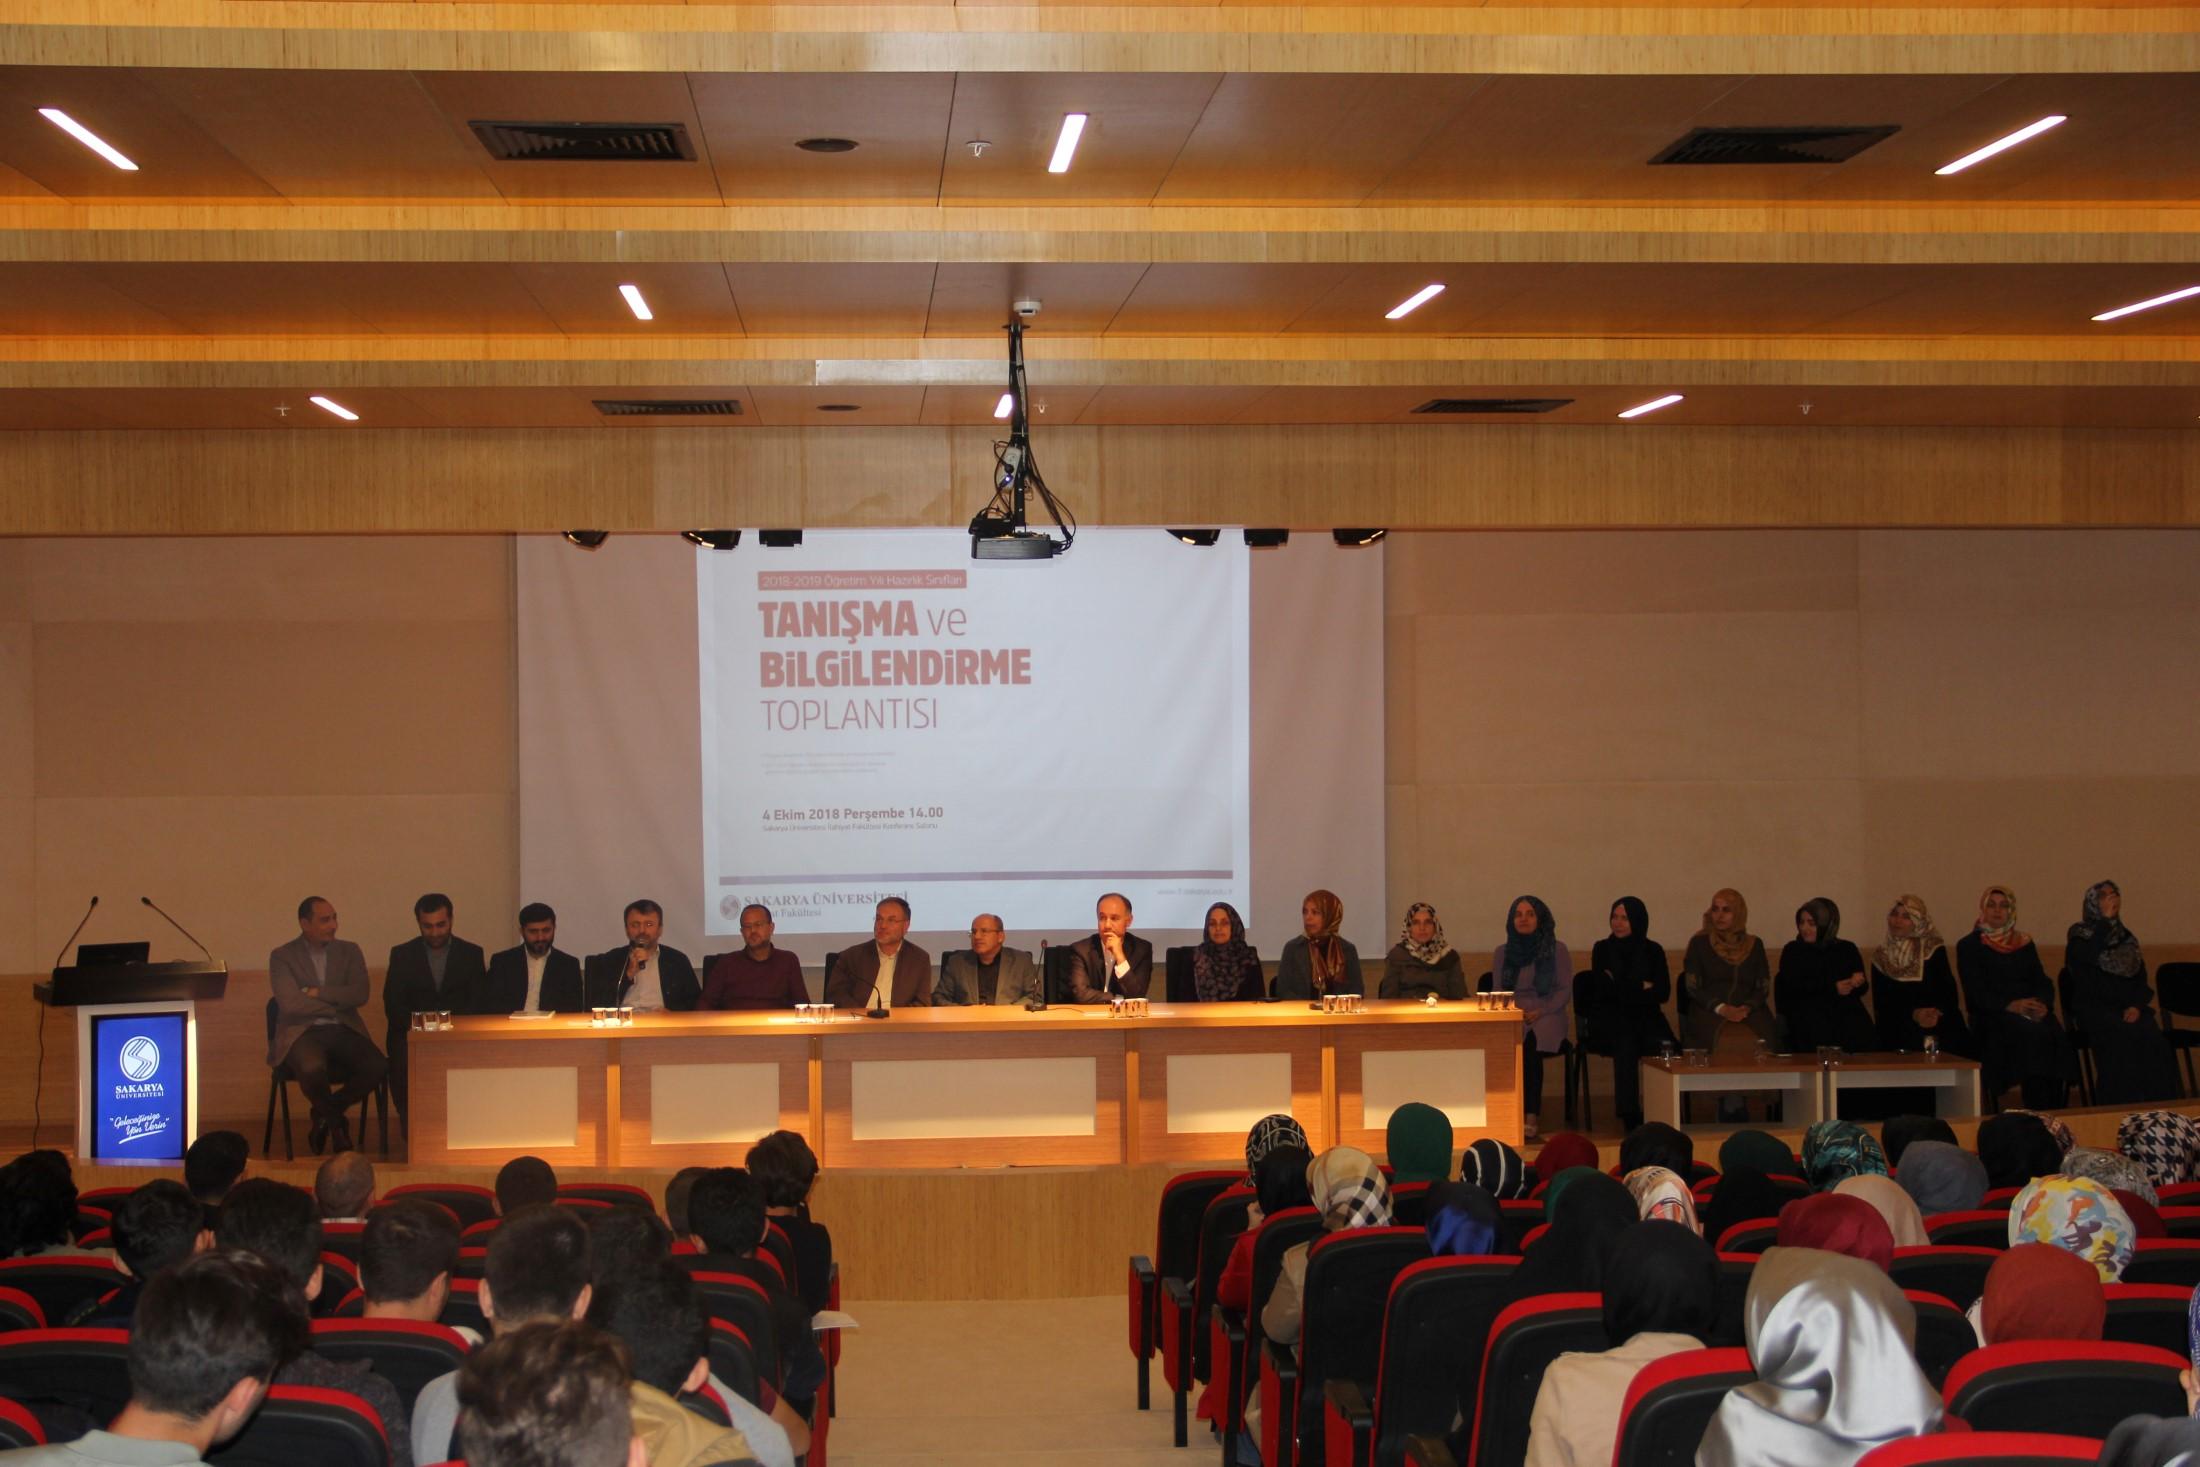 İlahiyat Fakültesi'nde Tanışma ve Bilgilendirme Toplantısı